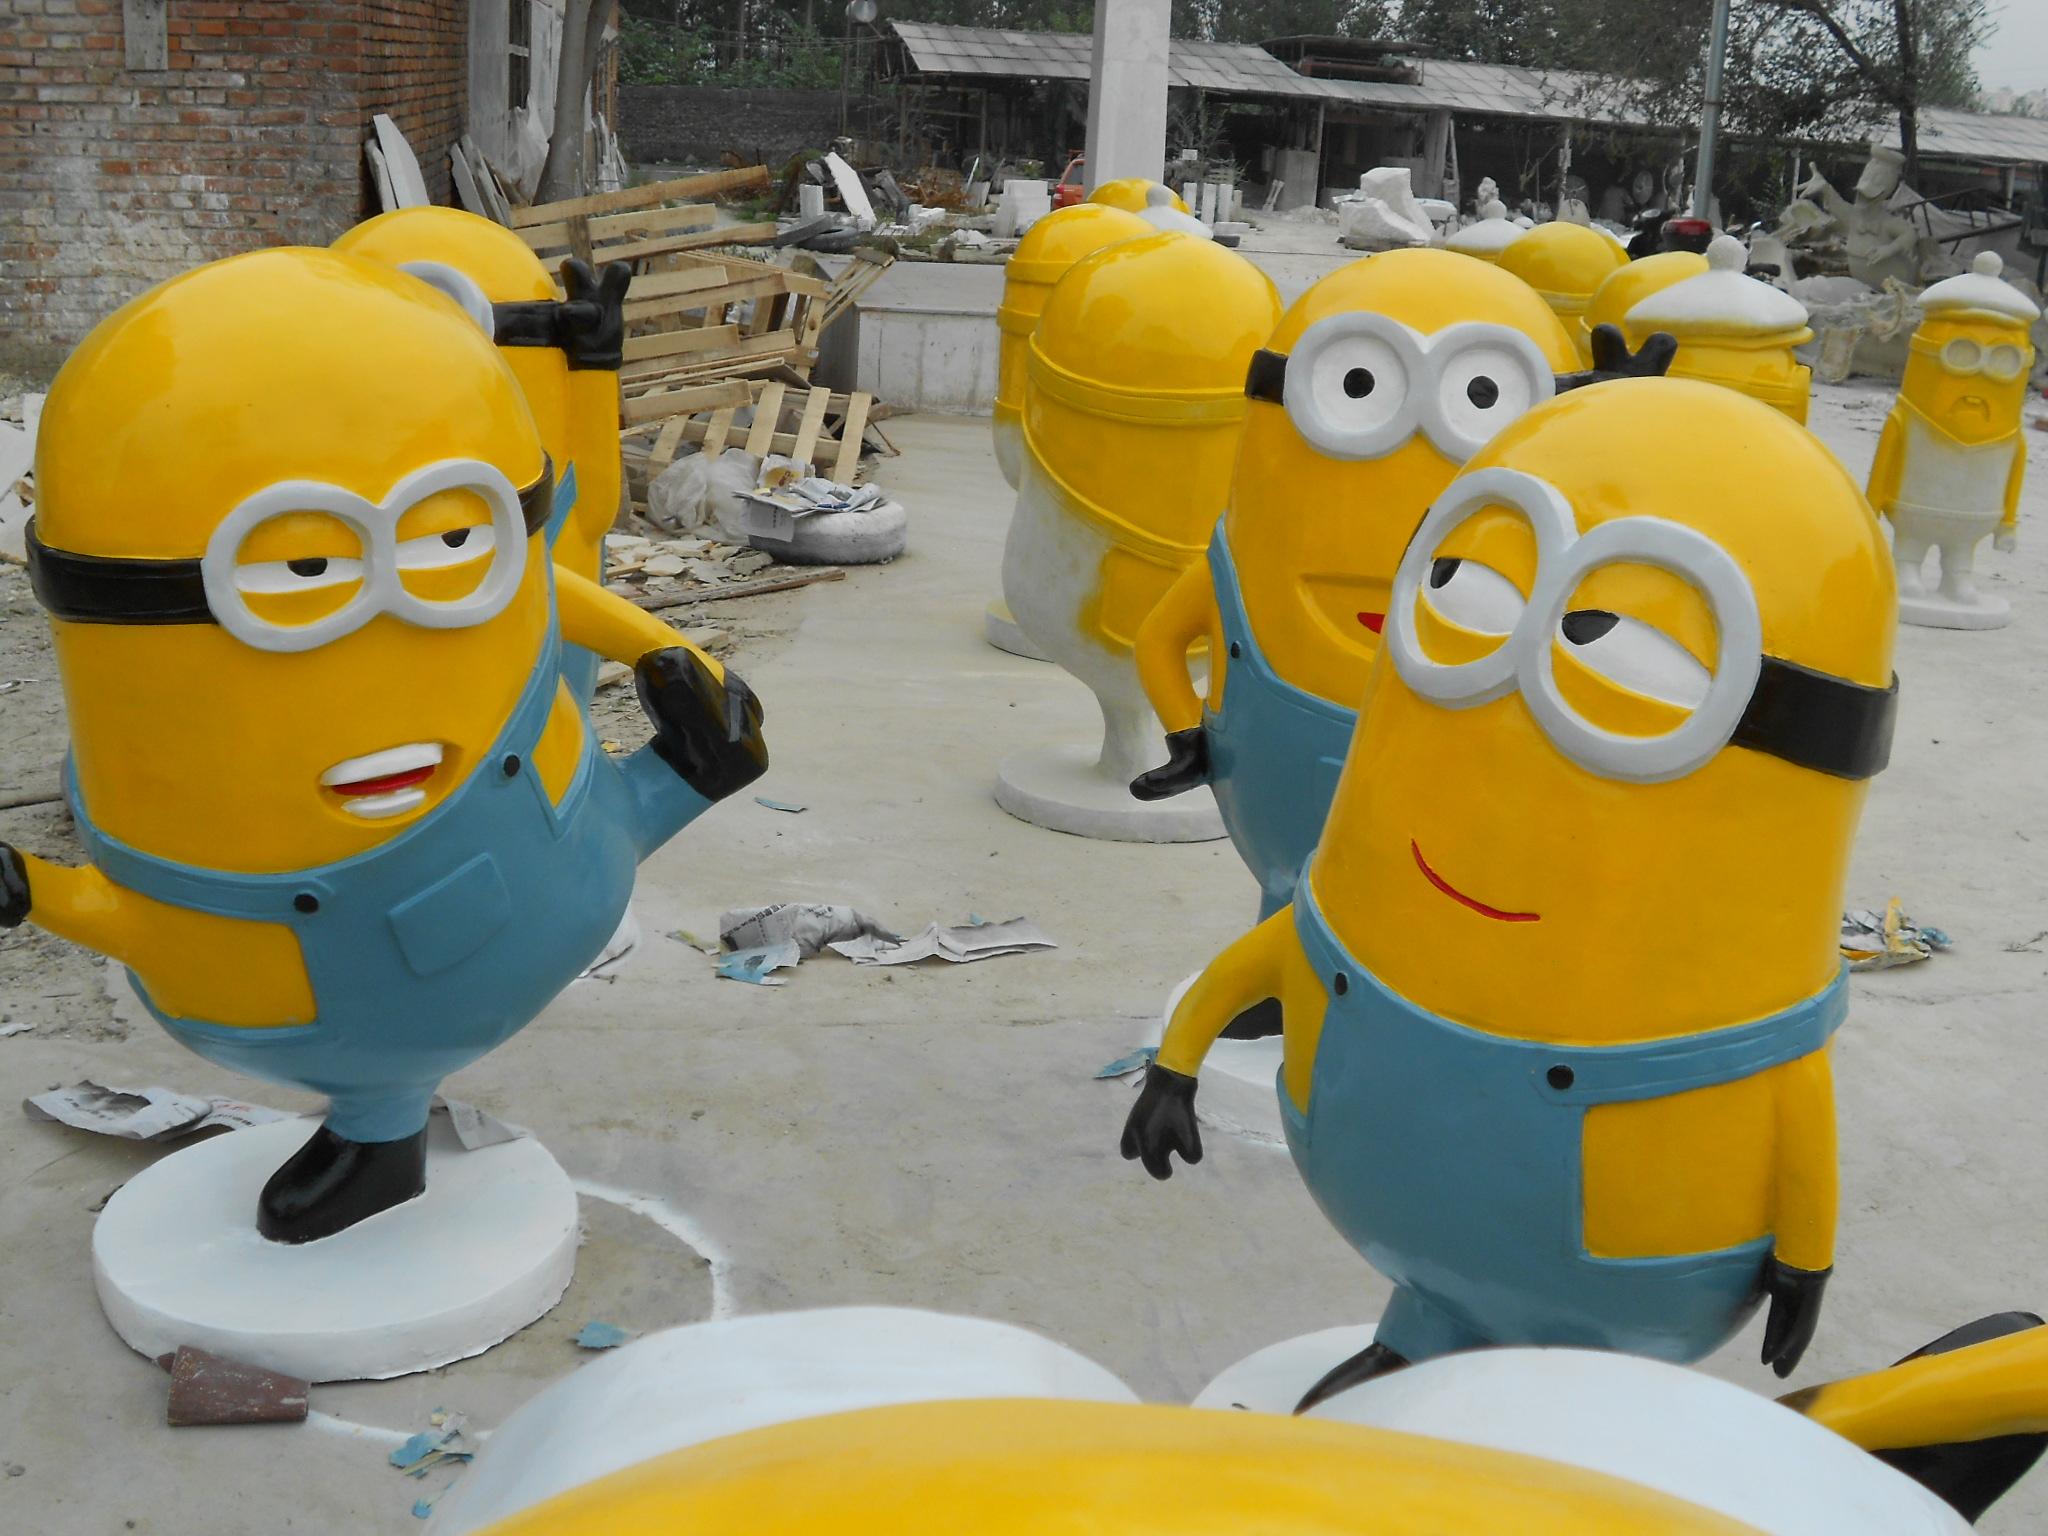 厂家直销 小黄人玻璃钢雕塑 商场美陈 户外景观摆件 创意时尚图片